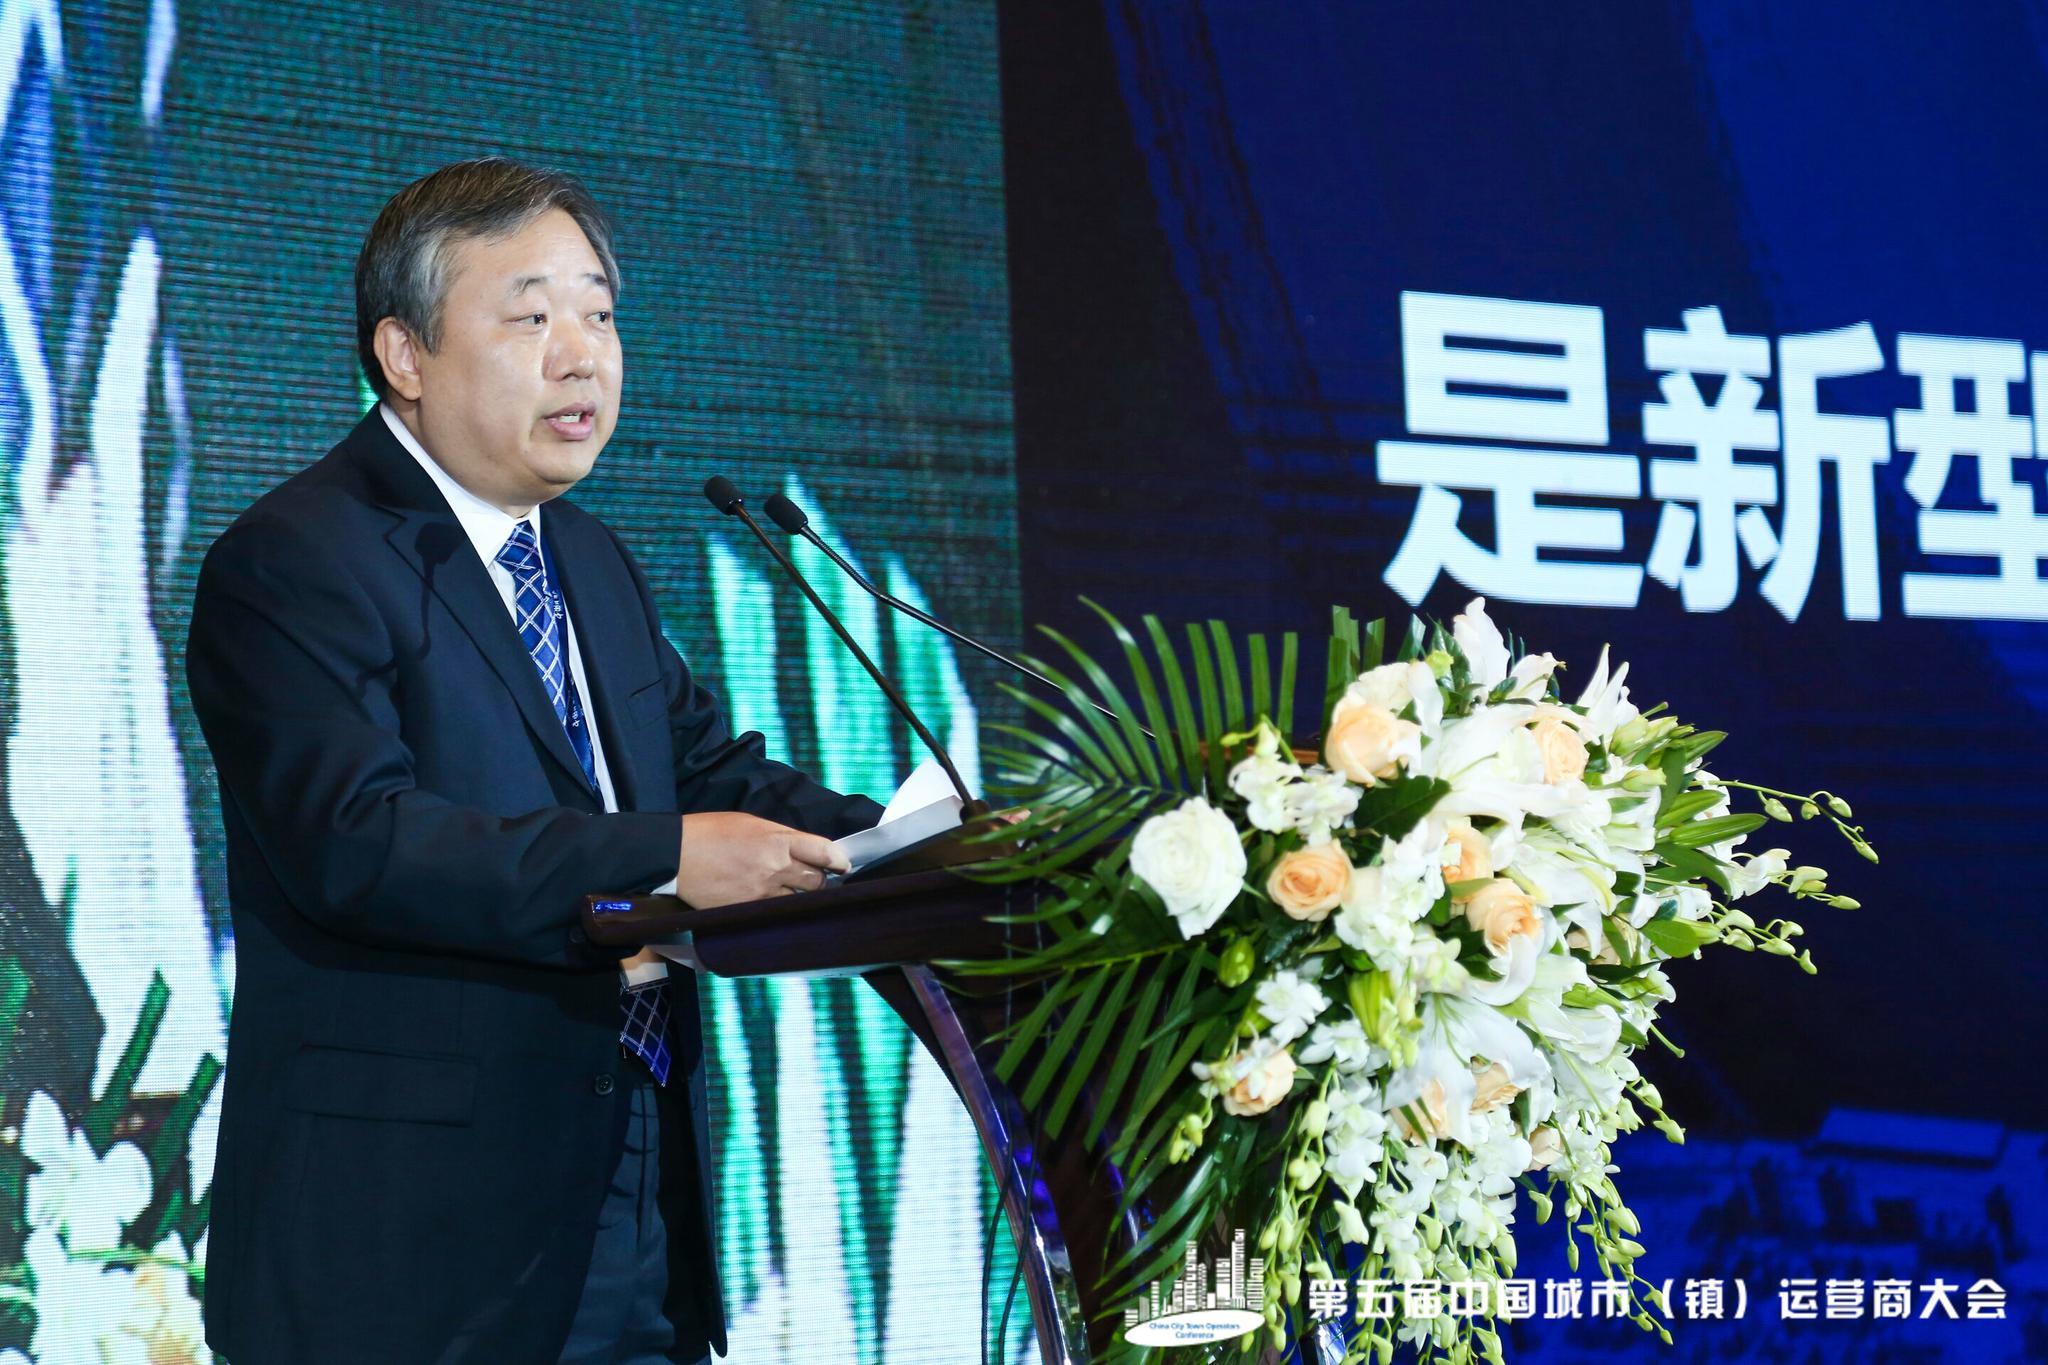 刘宇明:城市运营商是新型城镇化的创新引领者